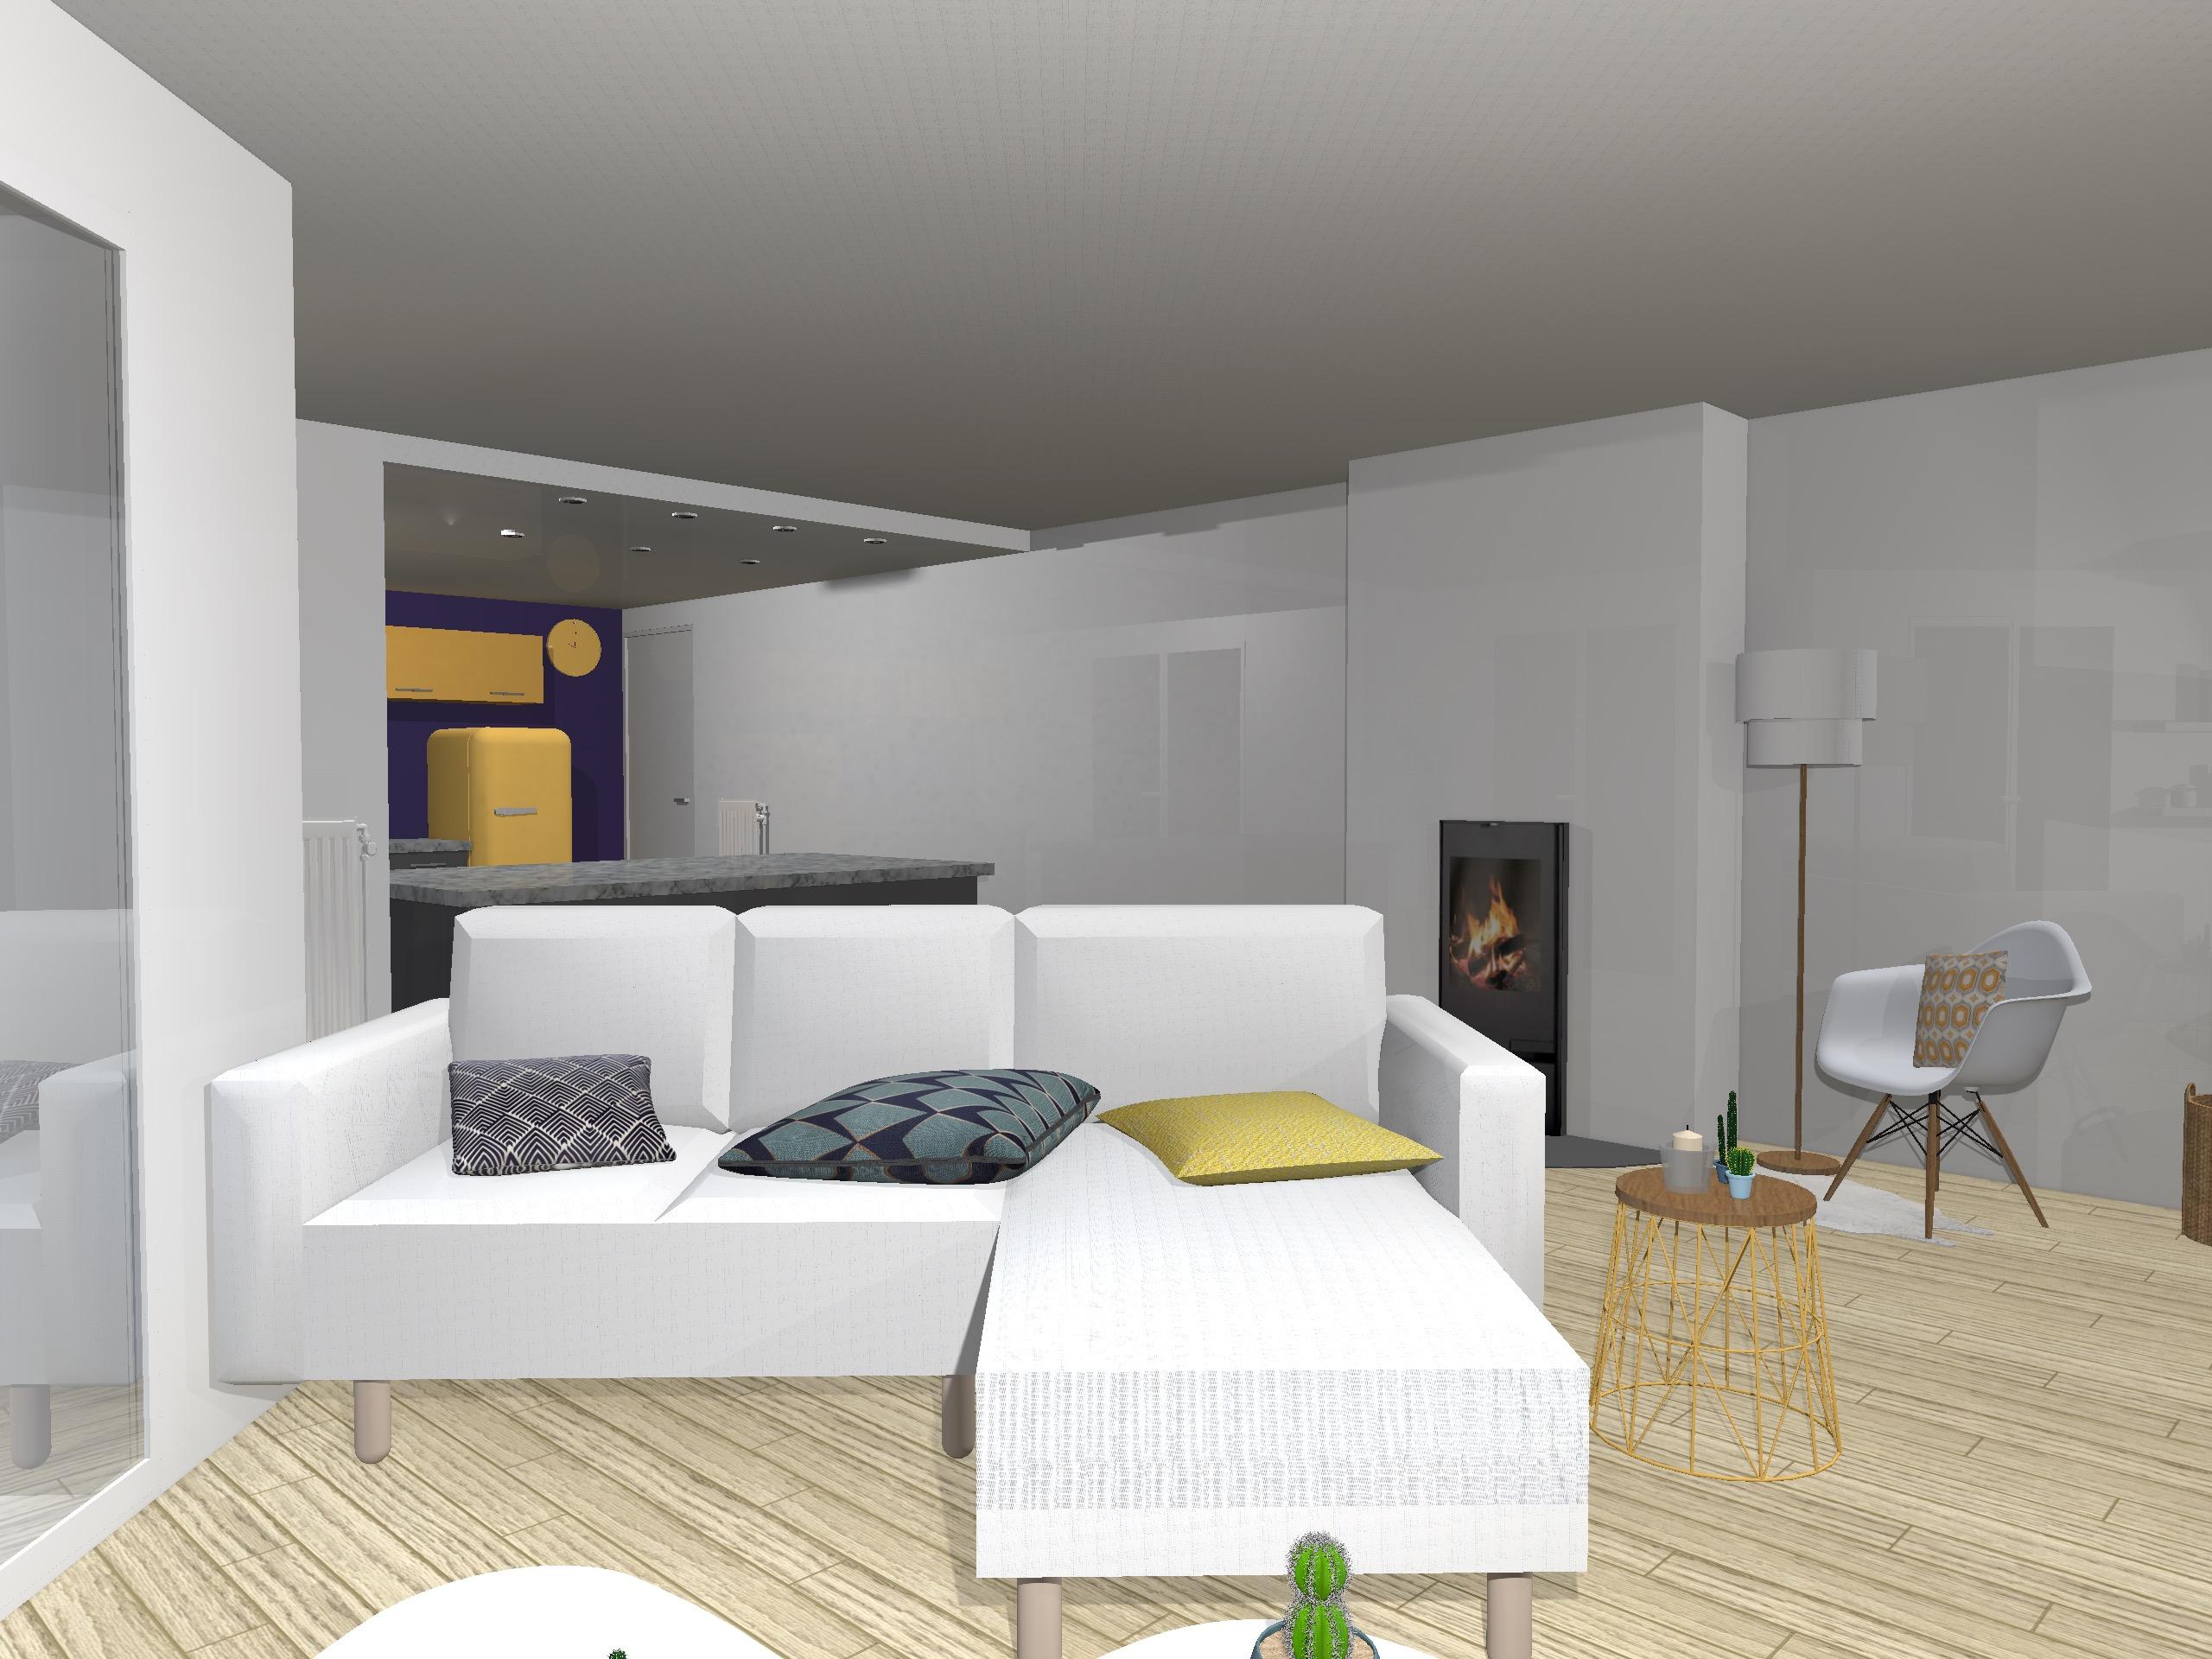 sejour-4villa-vailhauques-renovation-latelierdelisa